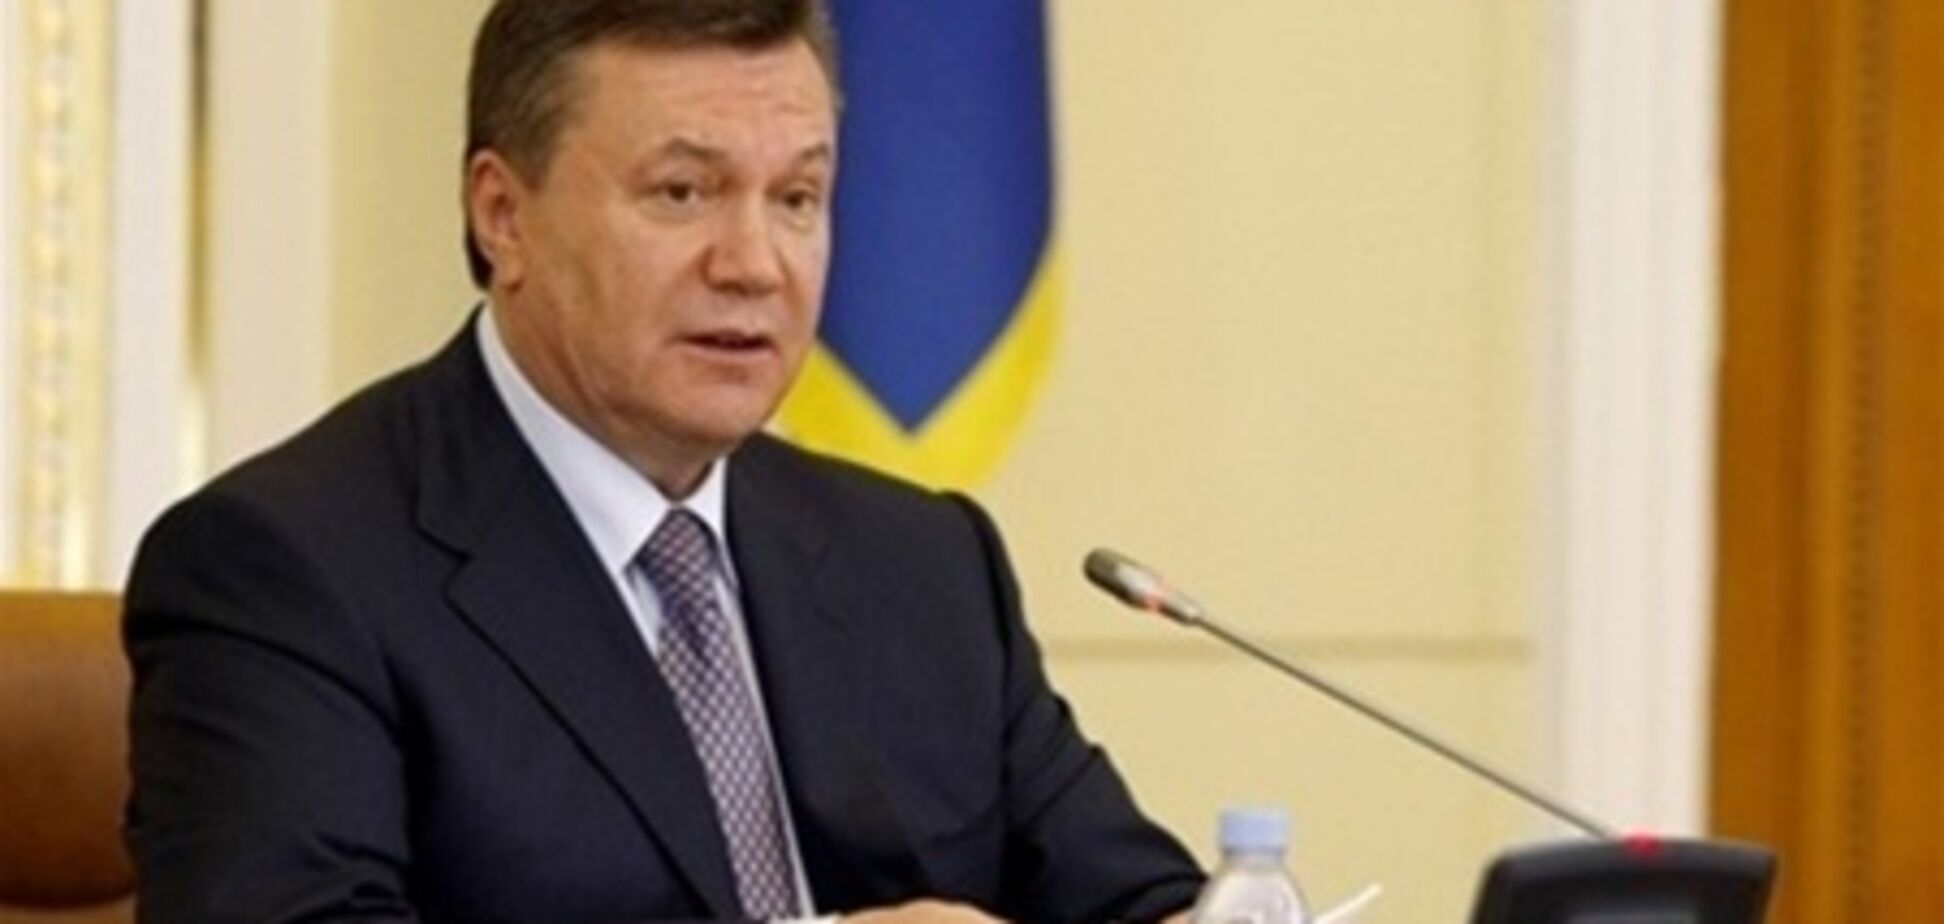 Акордеоніст Табачник порівняв Януковича з Мойсеєм